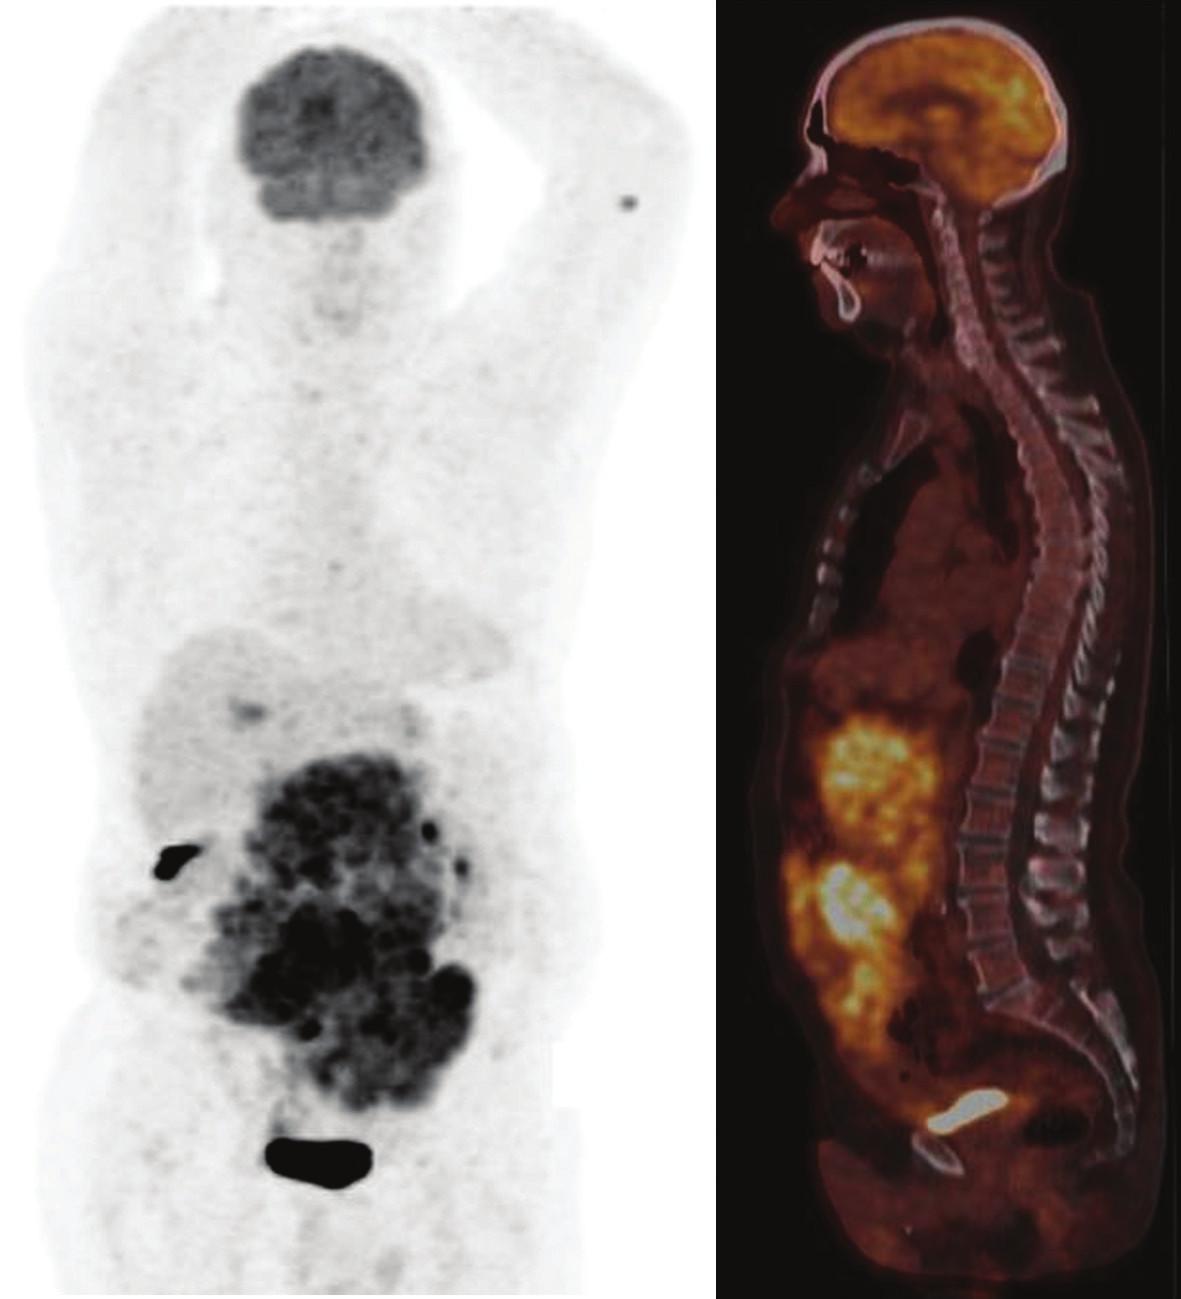 Obr. 3b. PET/CT s FDG po 5 dňoch liečby imatinib mesylátom. Bez zmeny oproti iniciálnemu nálezu.